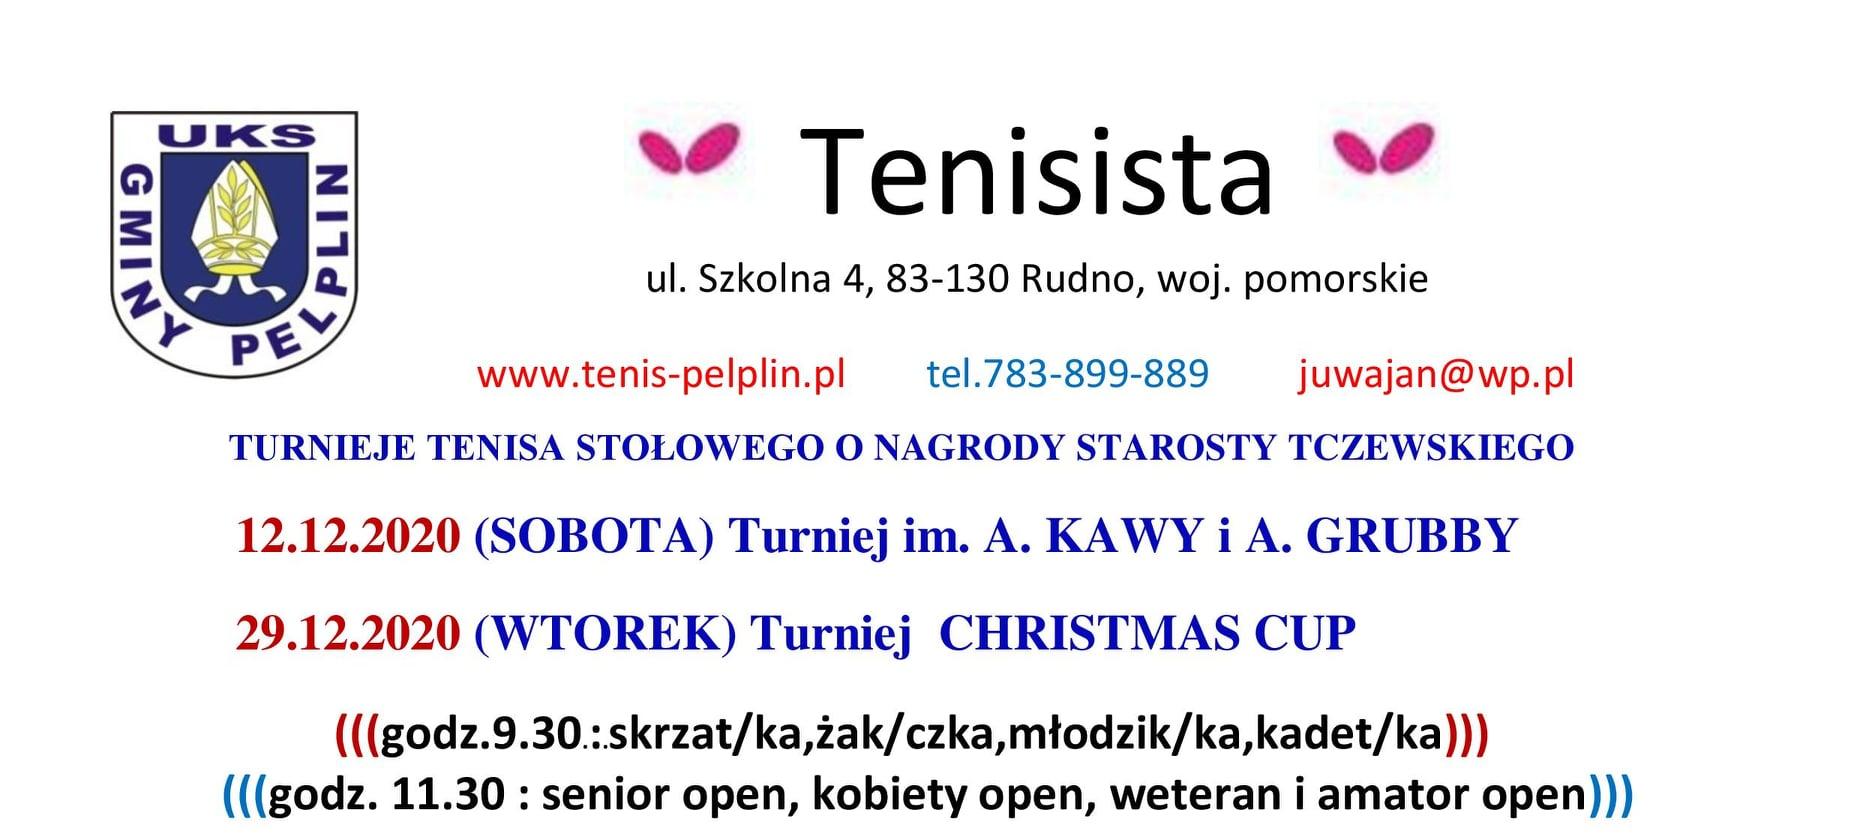 """Plakat turnieju Turniej im. A. KAWY i A. GRUBBY - """"Tenisista""""- O NAGRODY STAROSTY TCZEWSKIEGO"""